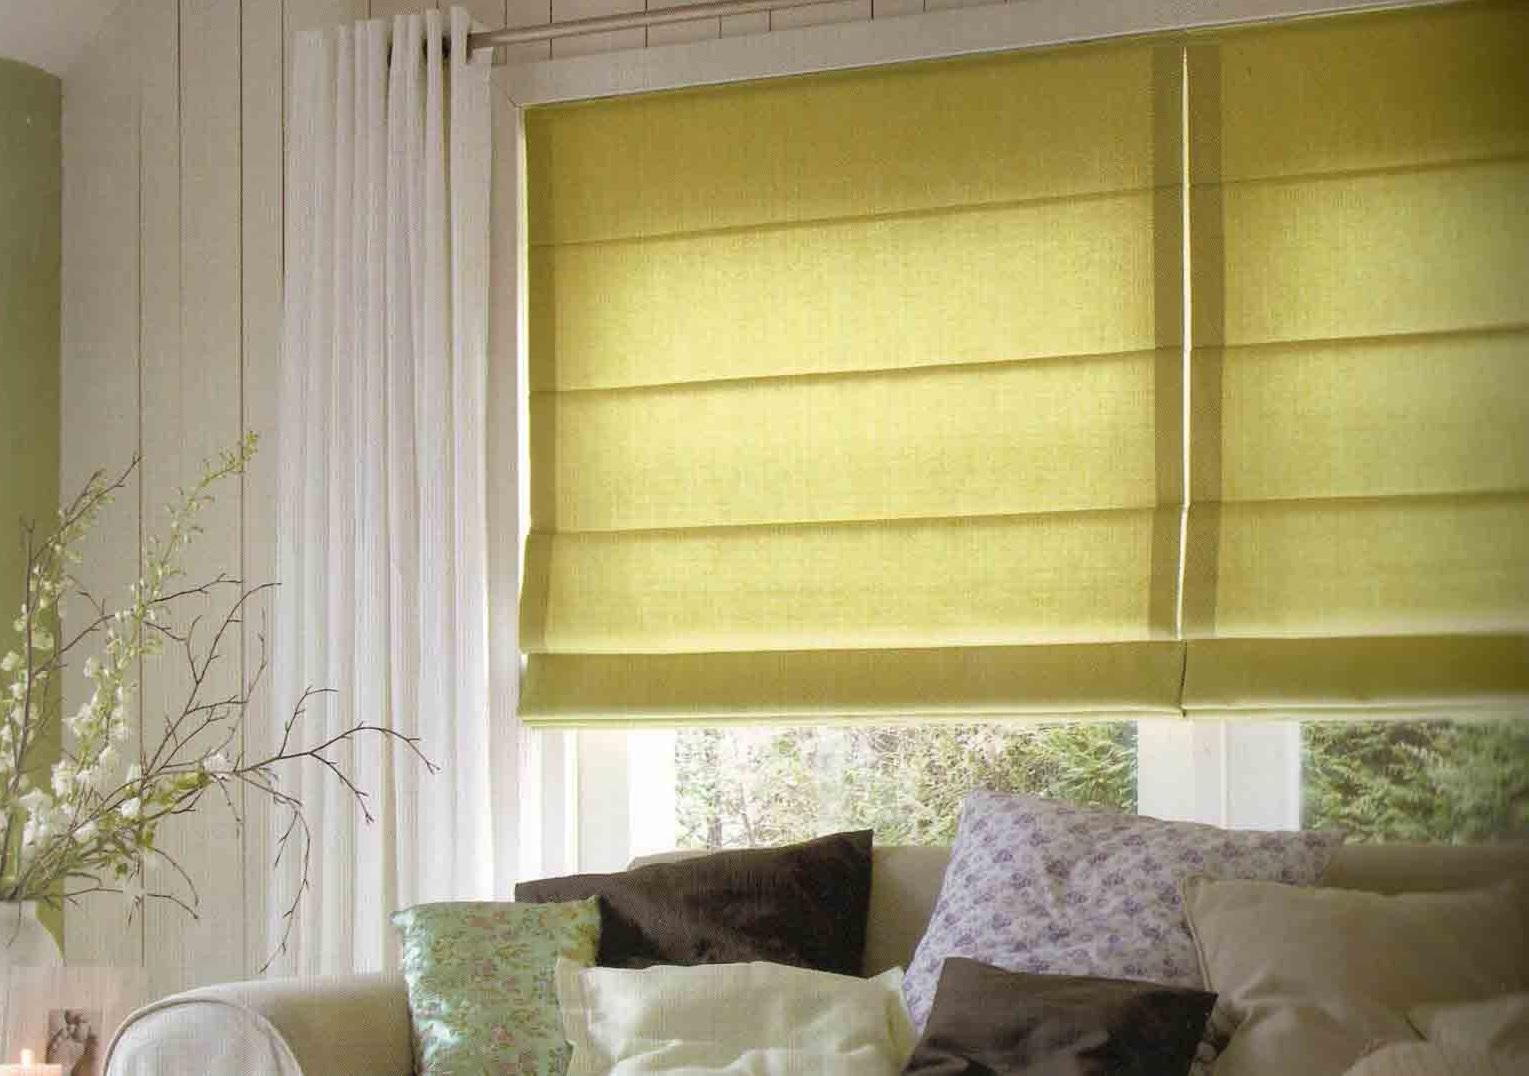 Cortinas estores roller persianas alfombras tapizones - Estores o cortinas ...